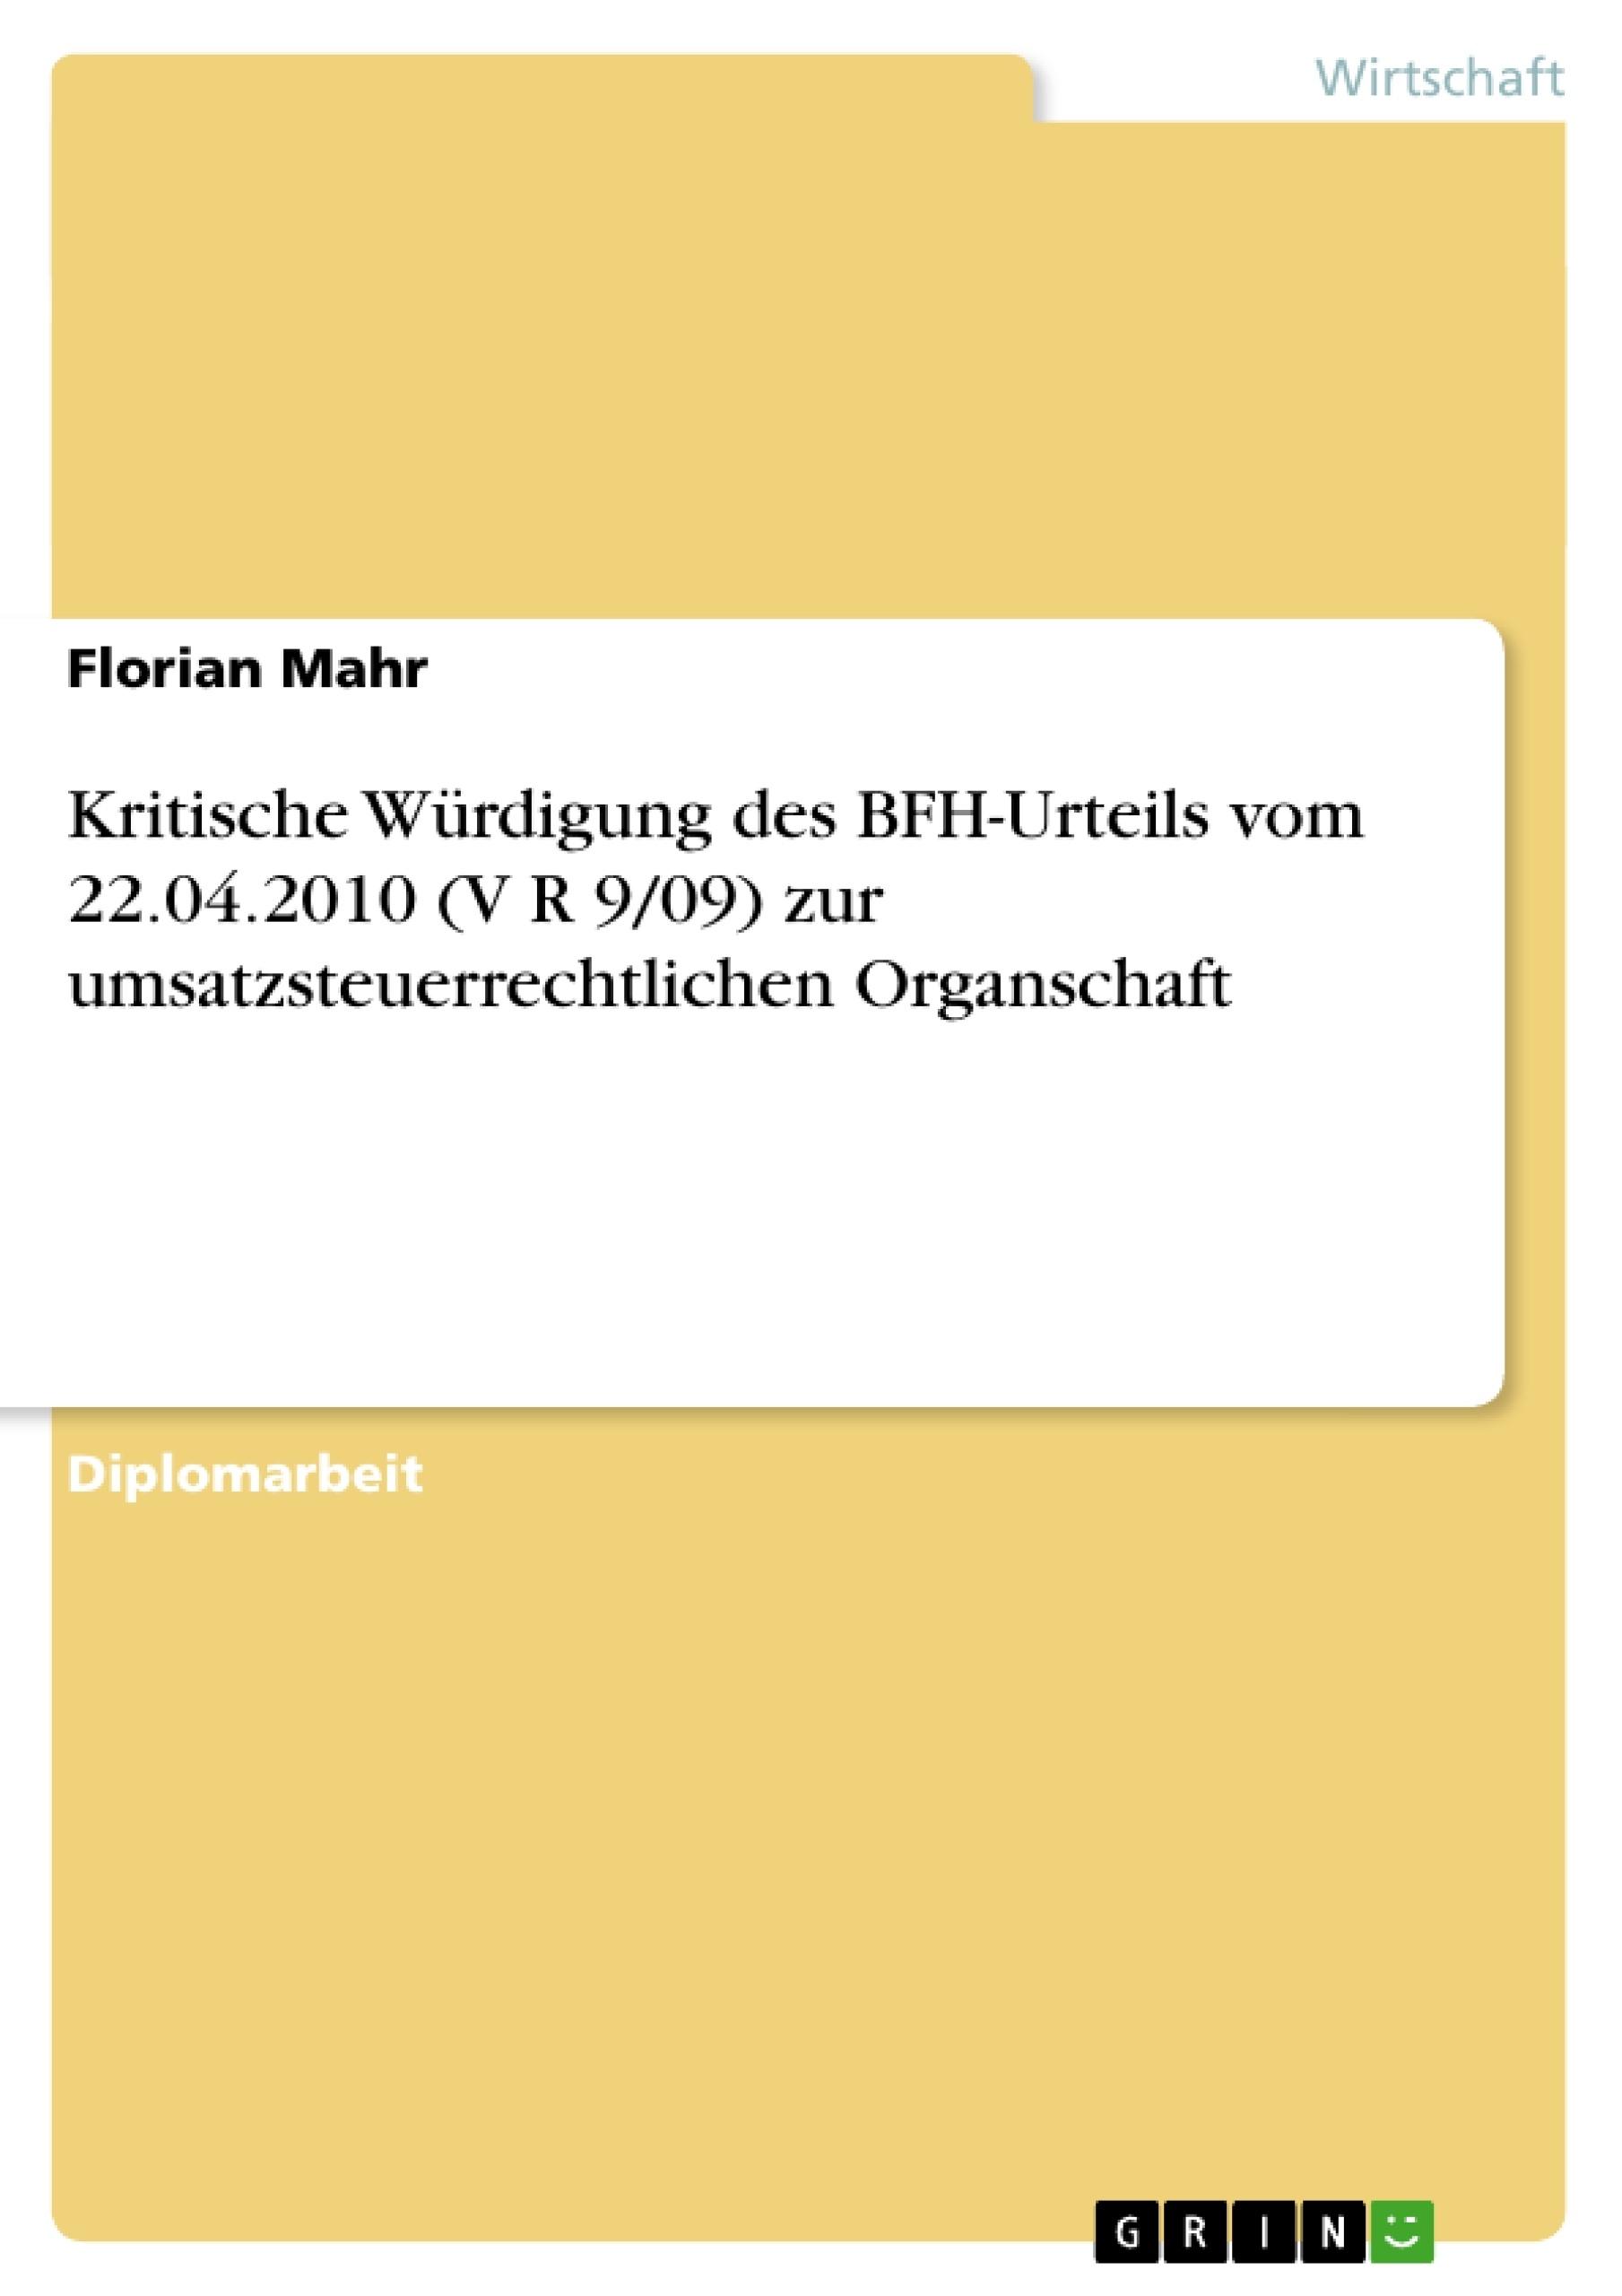 Titel: Kritische Würdigung des BFH-Urteils vom 22.04.2010 (V R 9/09) zur umsatzsteuerrechtlichen Organschaft